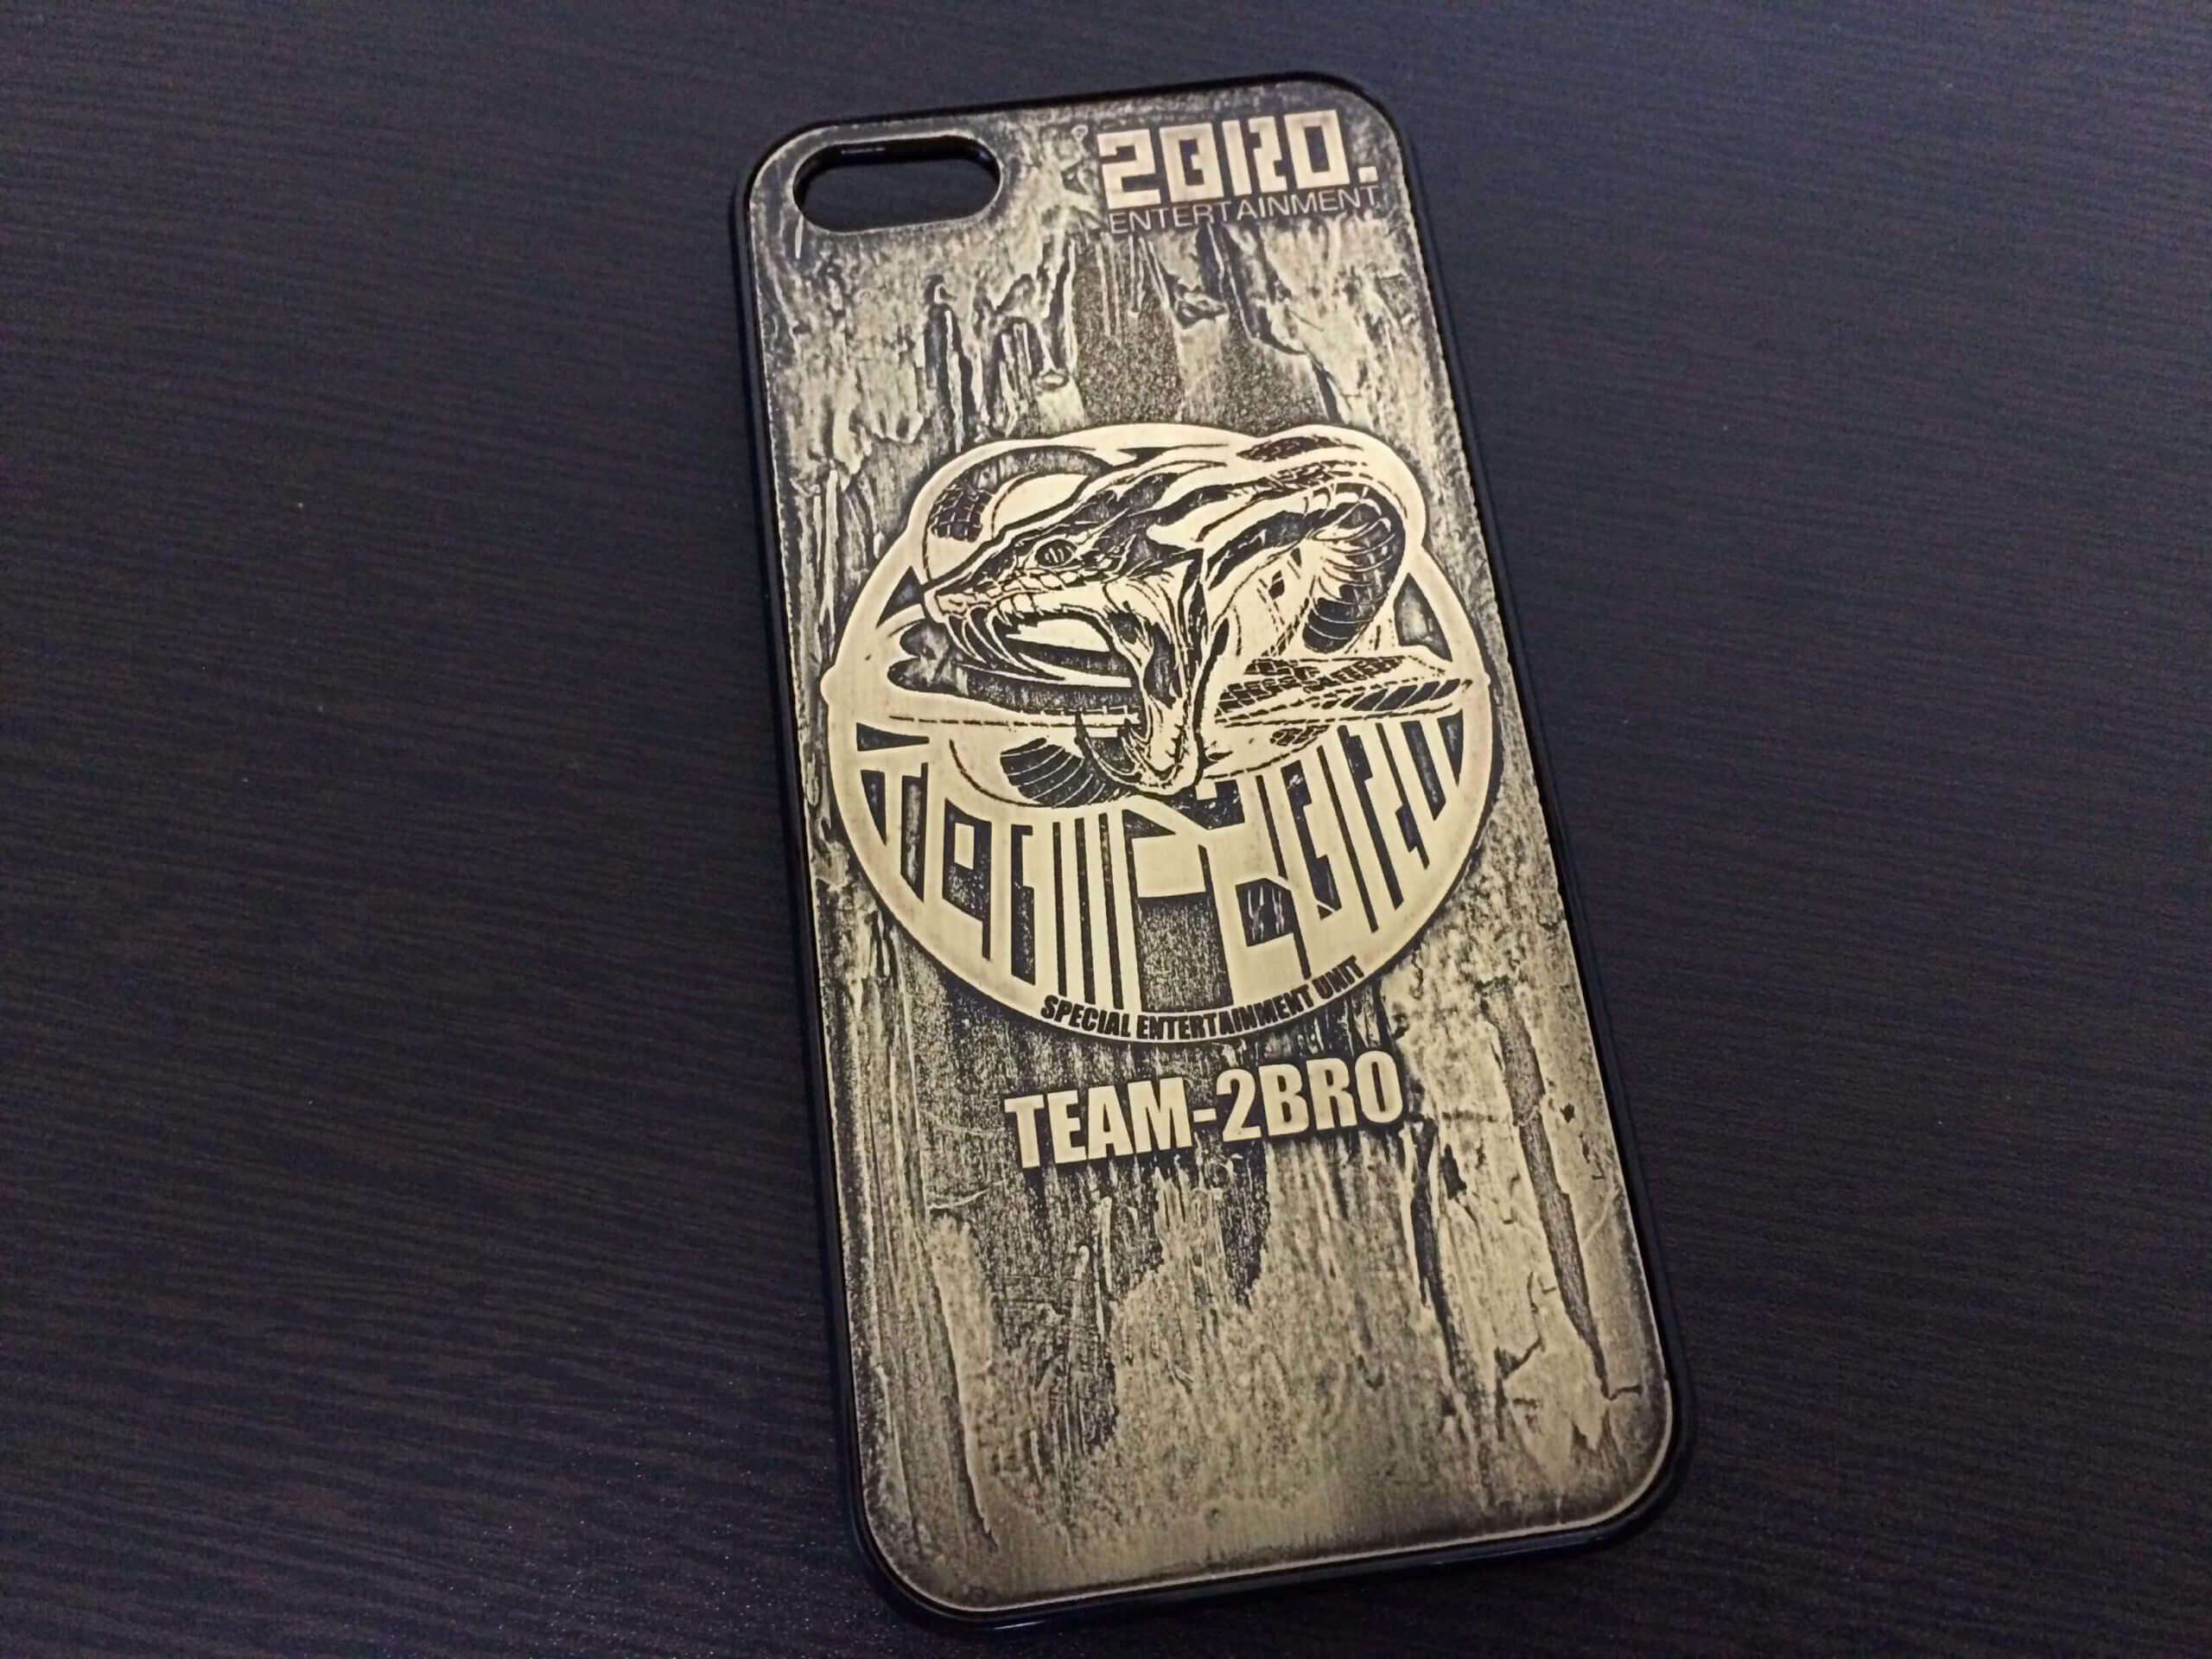 2broのメタルiphoneケースが届いた 開封 レビュー ゲームイズベスト ゲーム情報ブログ